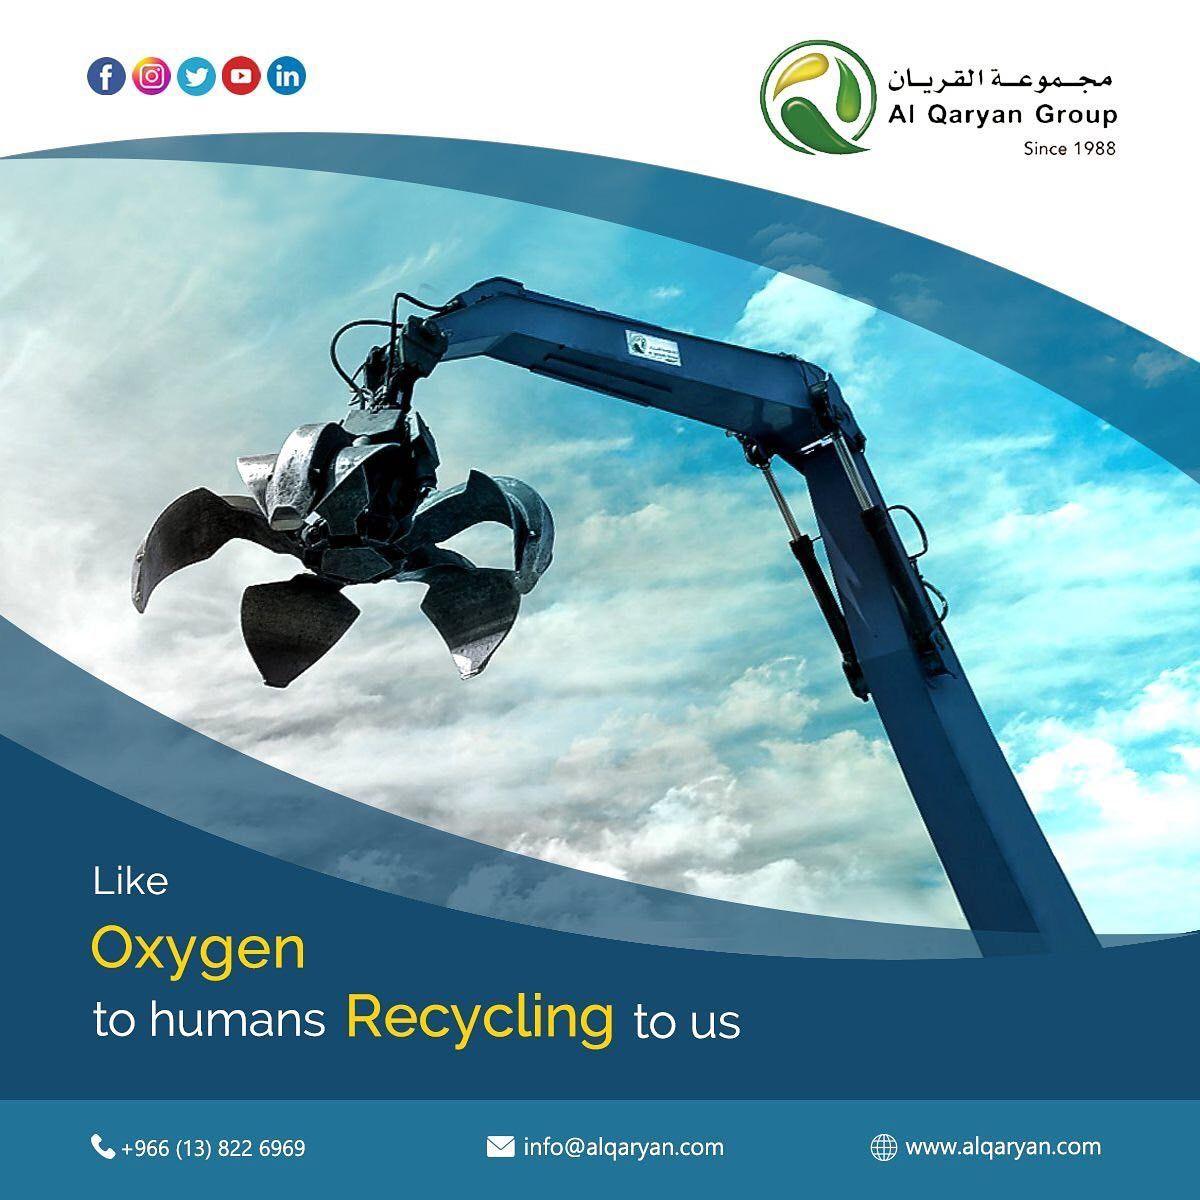 لماذا نحتاج إلى إعادة التدوير إعادة التدوير بالنسبة لنا مثل الأكسجين بالنسبة للبشر الفوائد الرئيسية لإعادة التدوير هي حماية النظم ال Oxygen Sci Fi Sci